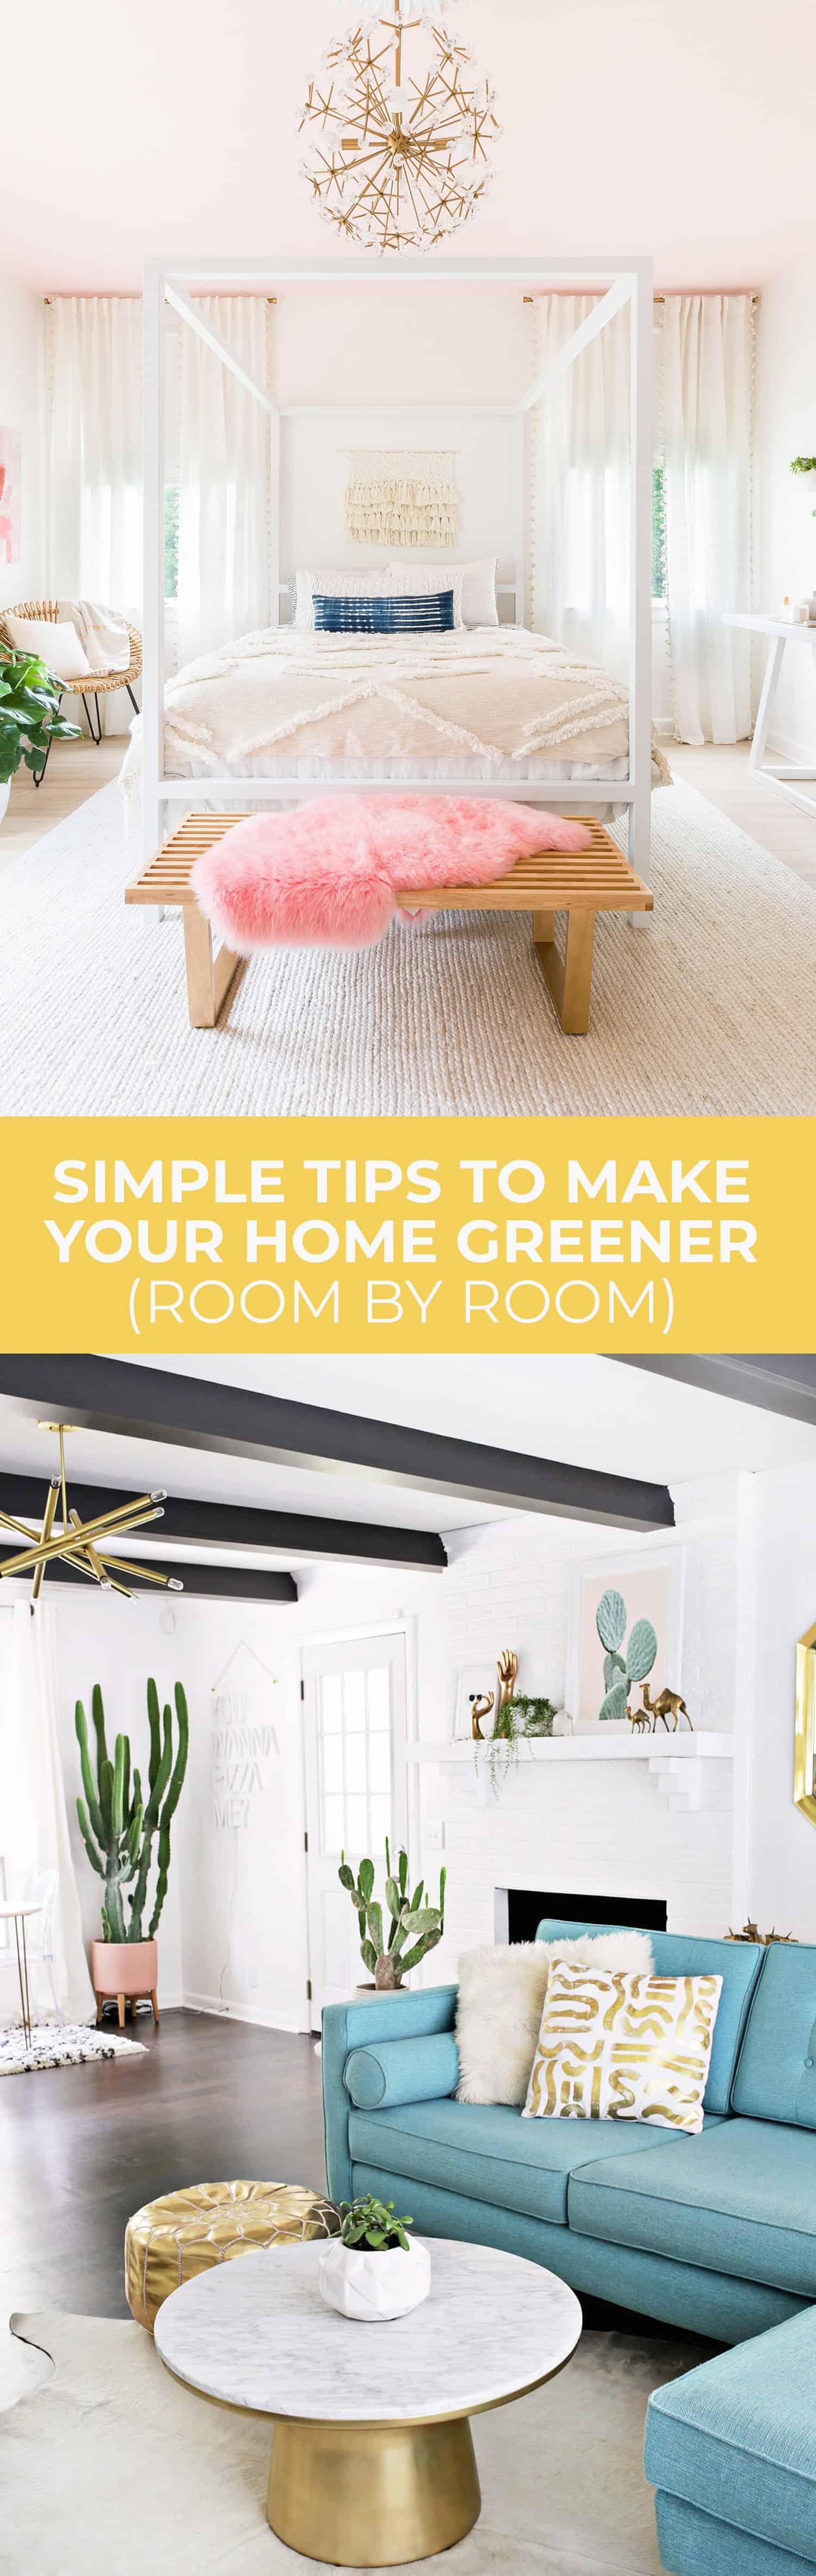 Einfache Tipps für ein umweltfreundlicheres Zuhause (Raum für Raum!)